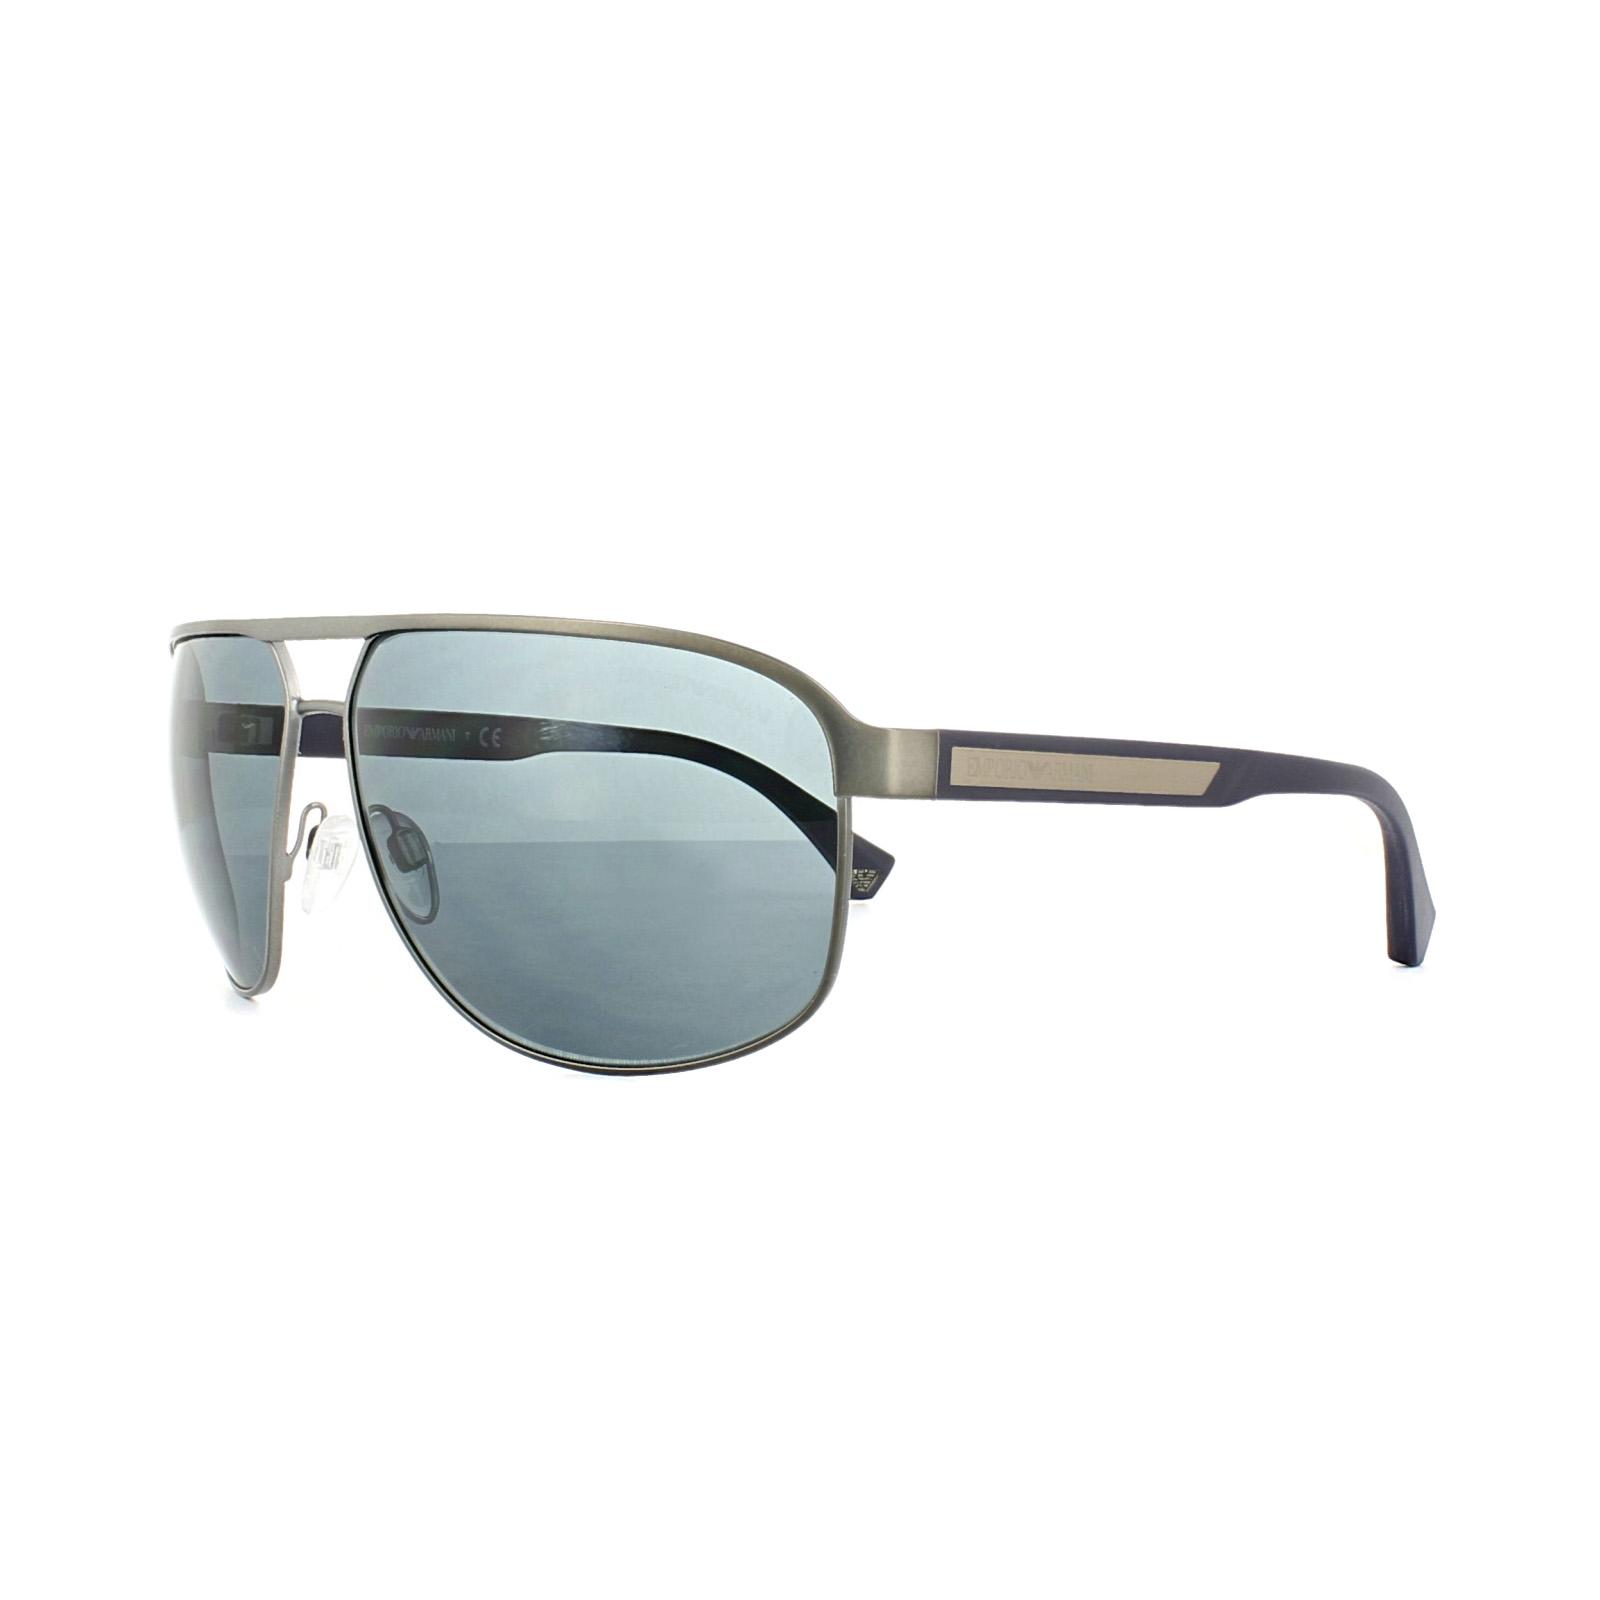 Cheap Emporio Armani 2025 Sunglasses - Discounted Sunglasses 209100c4a960